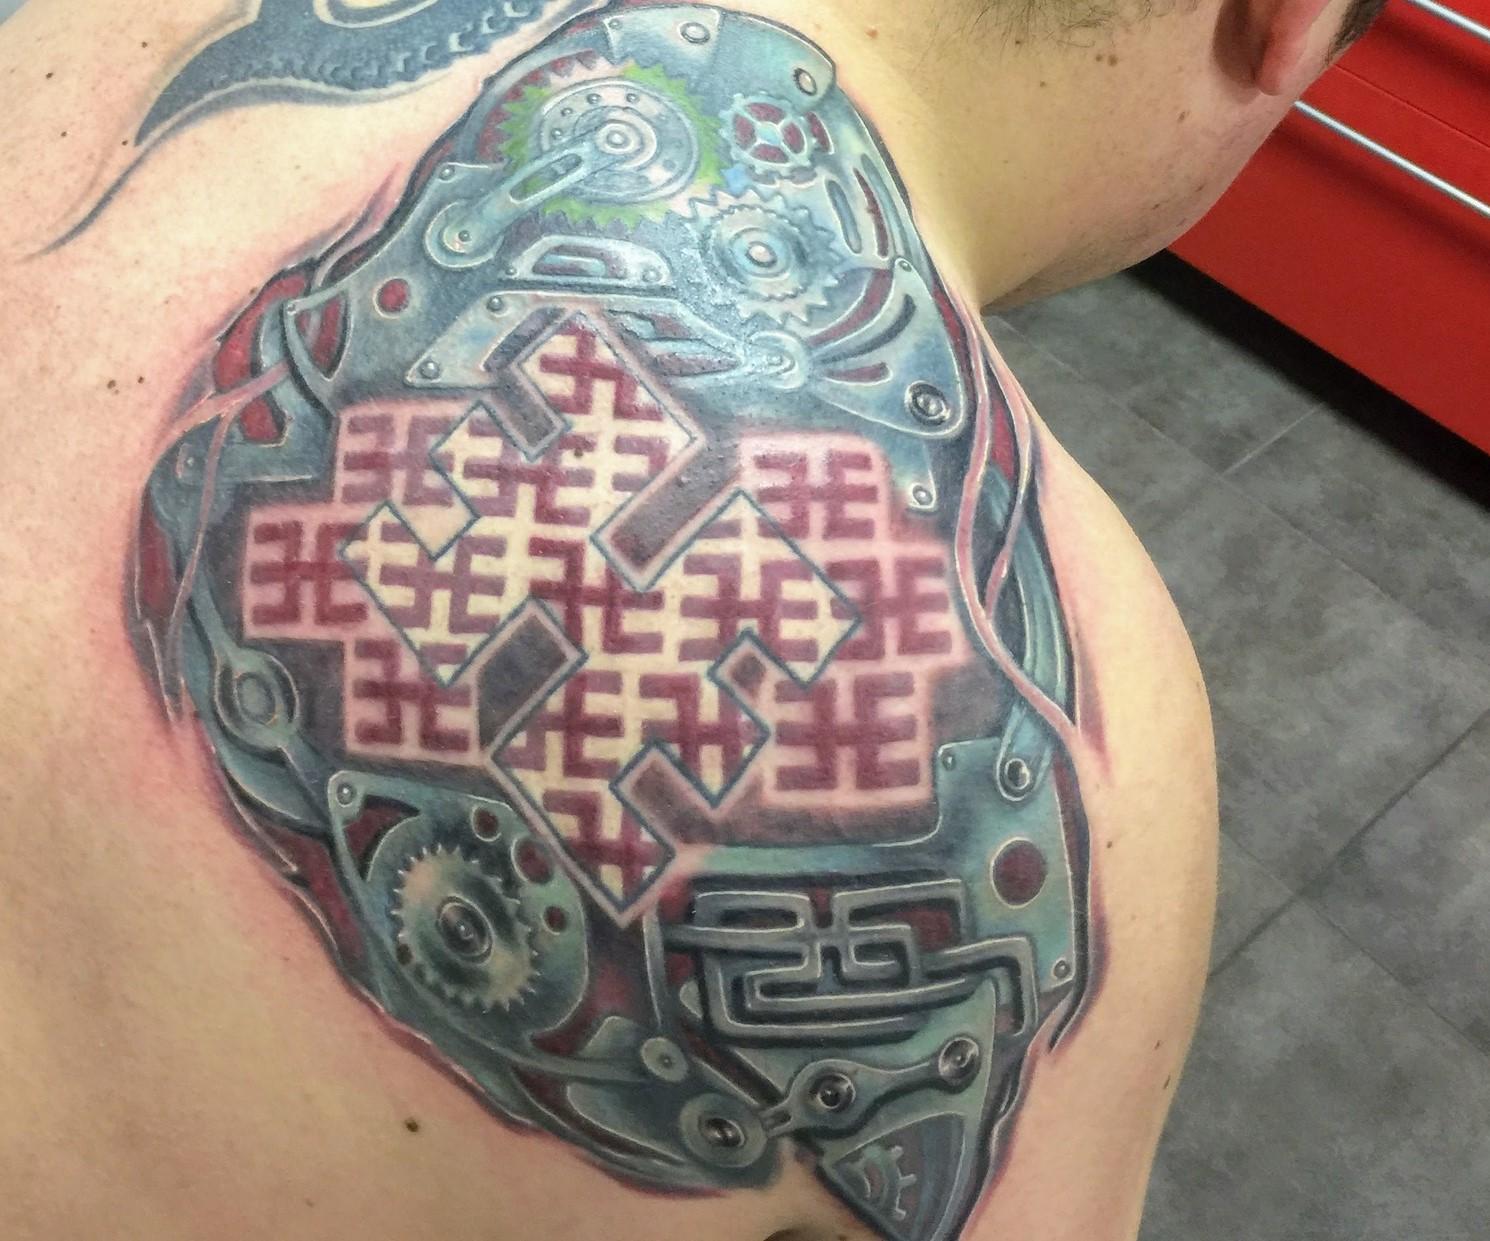 Como Escolher Tatuagem Homem tatuagem biomecânica: 100 fotos, esboços, locais de aplicação